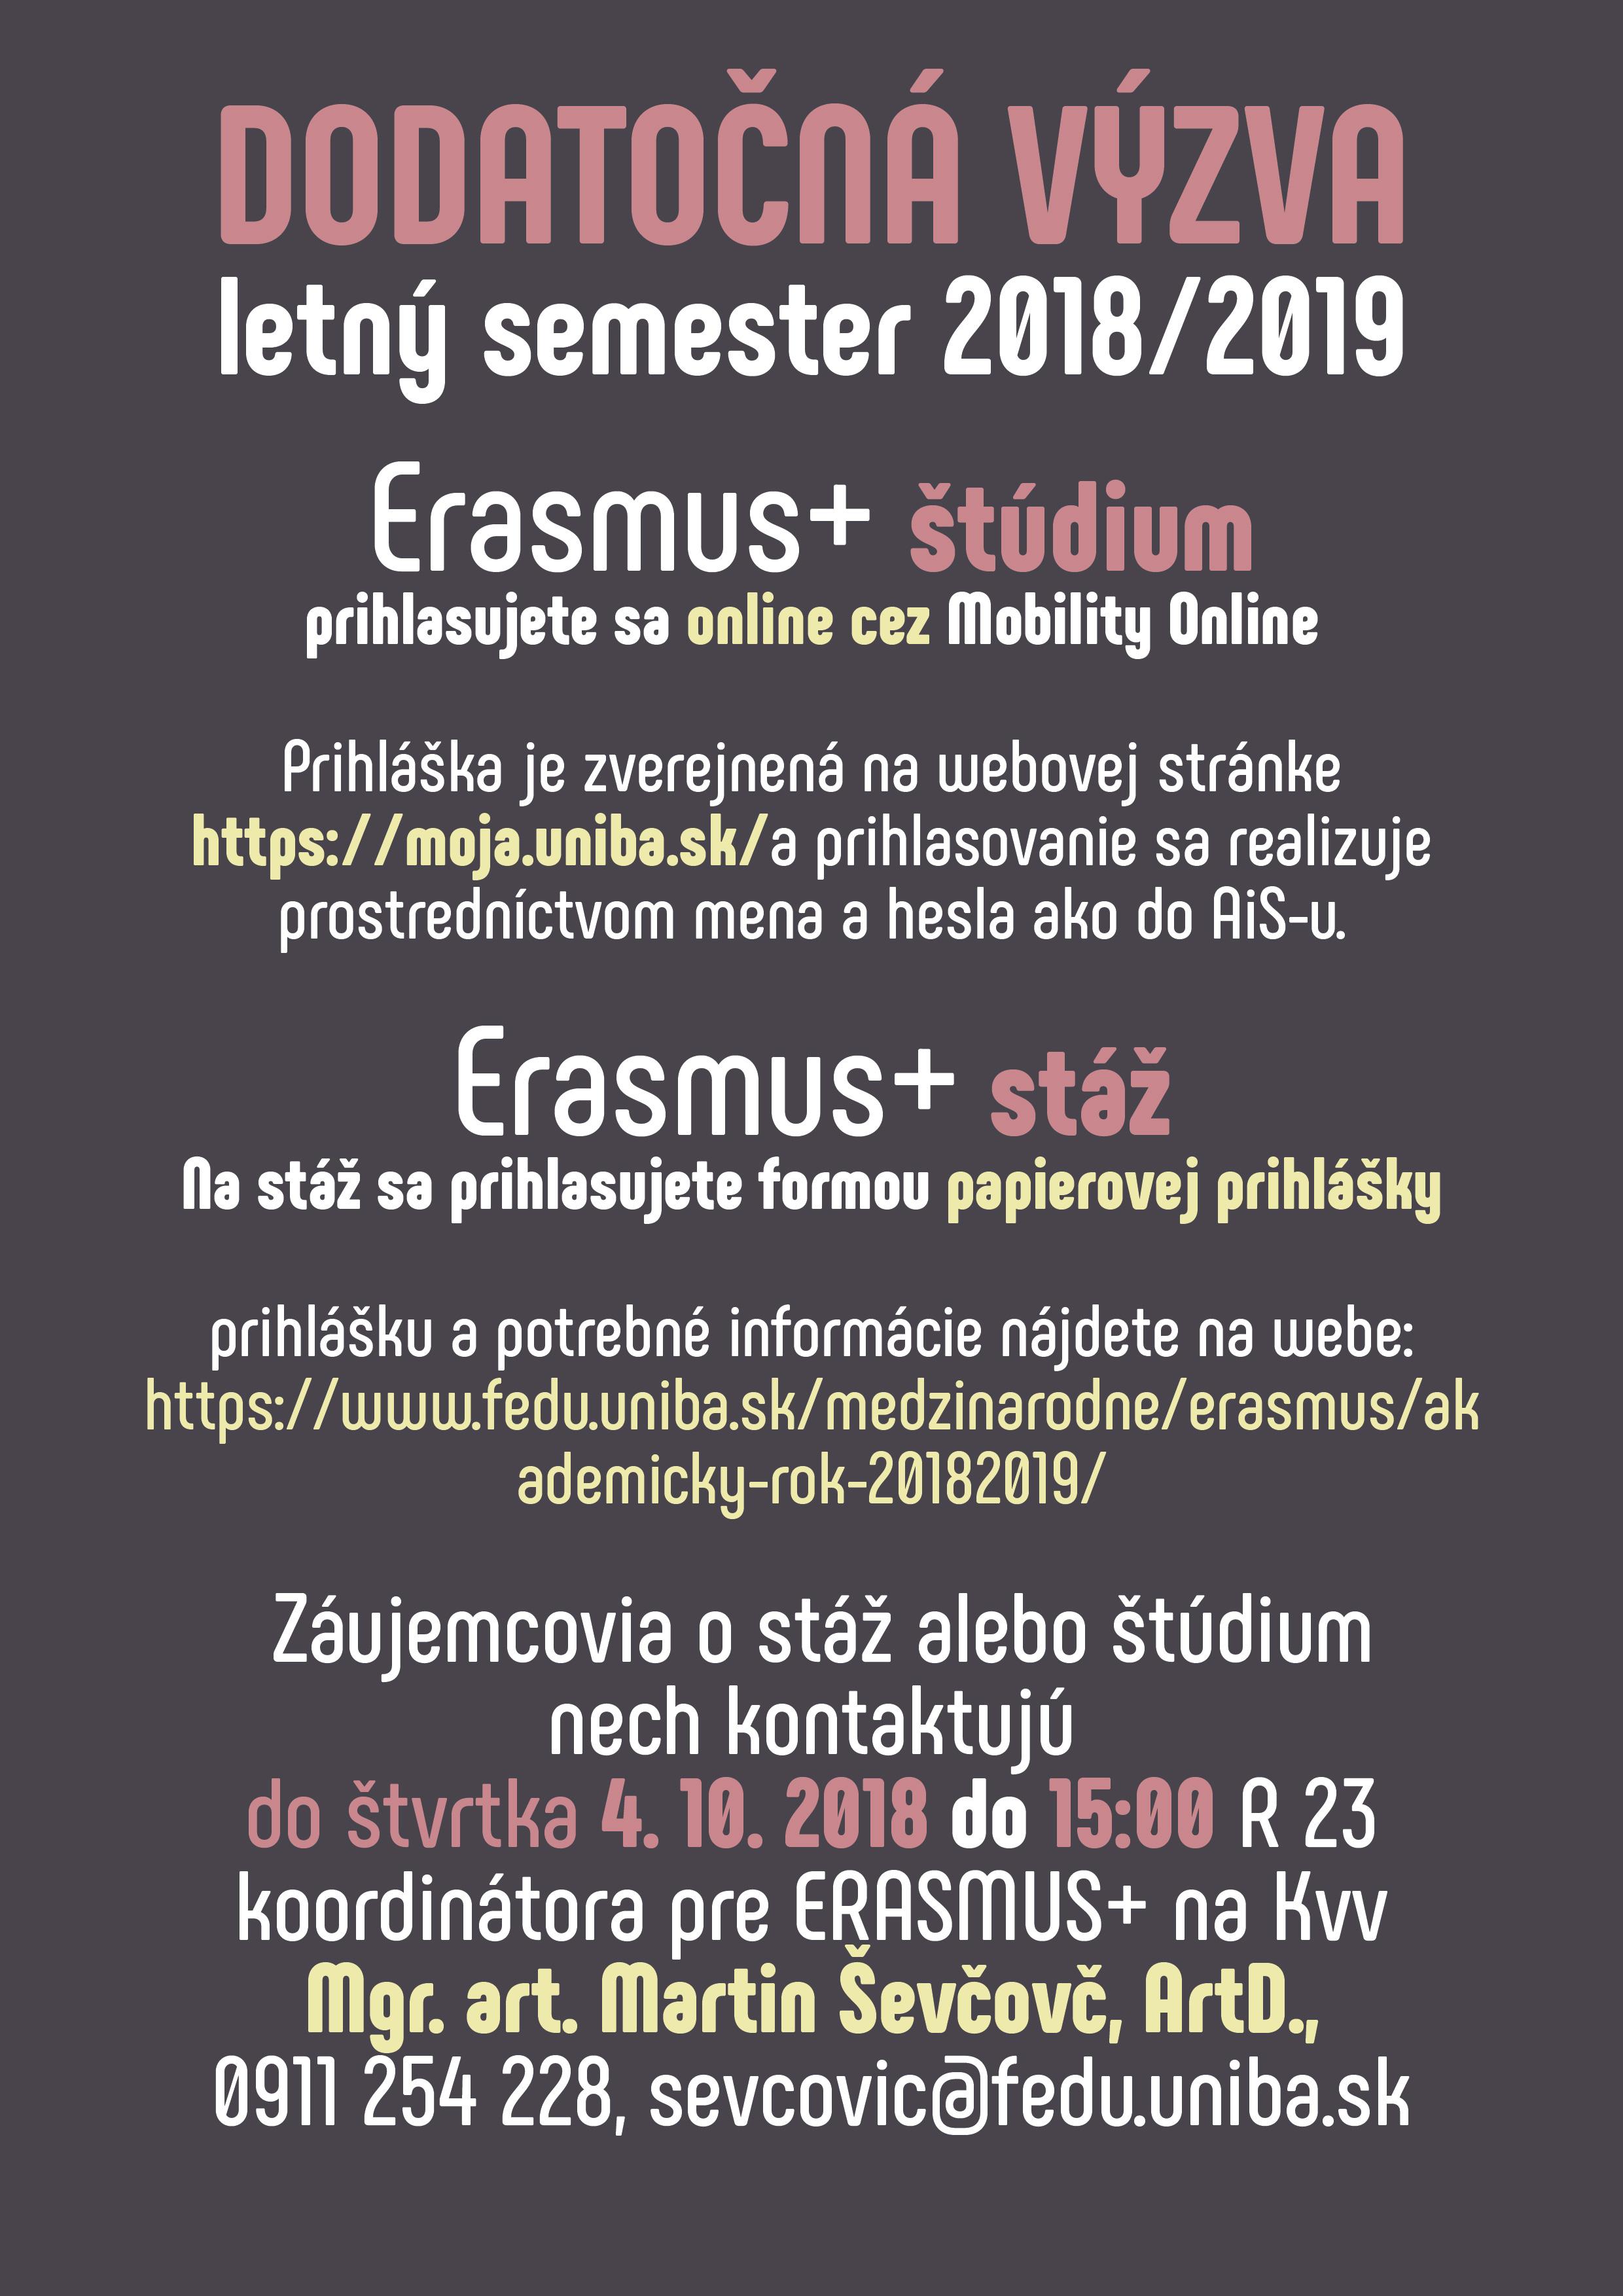 2fc5e247d6bf DODATOČNÁ VÝZVA letný semester 2018 2019 Erasmus+ štúdium a stáž